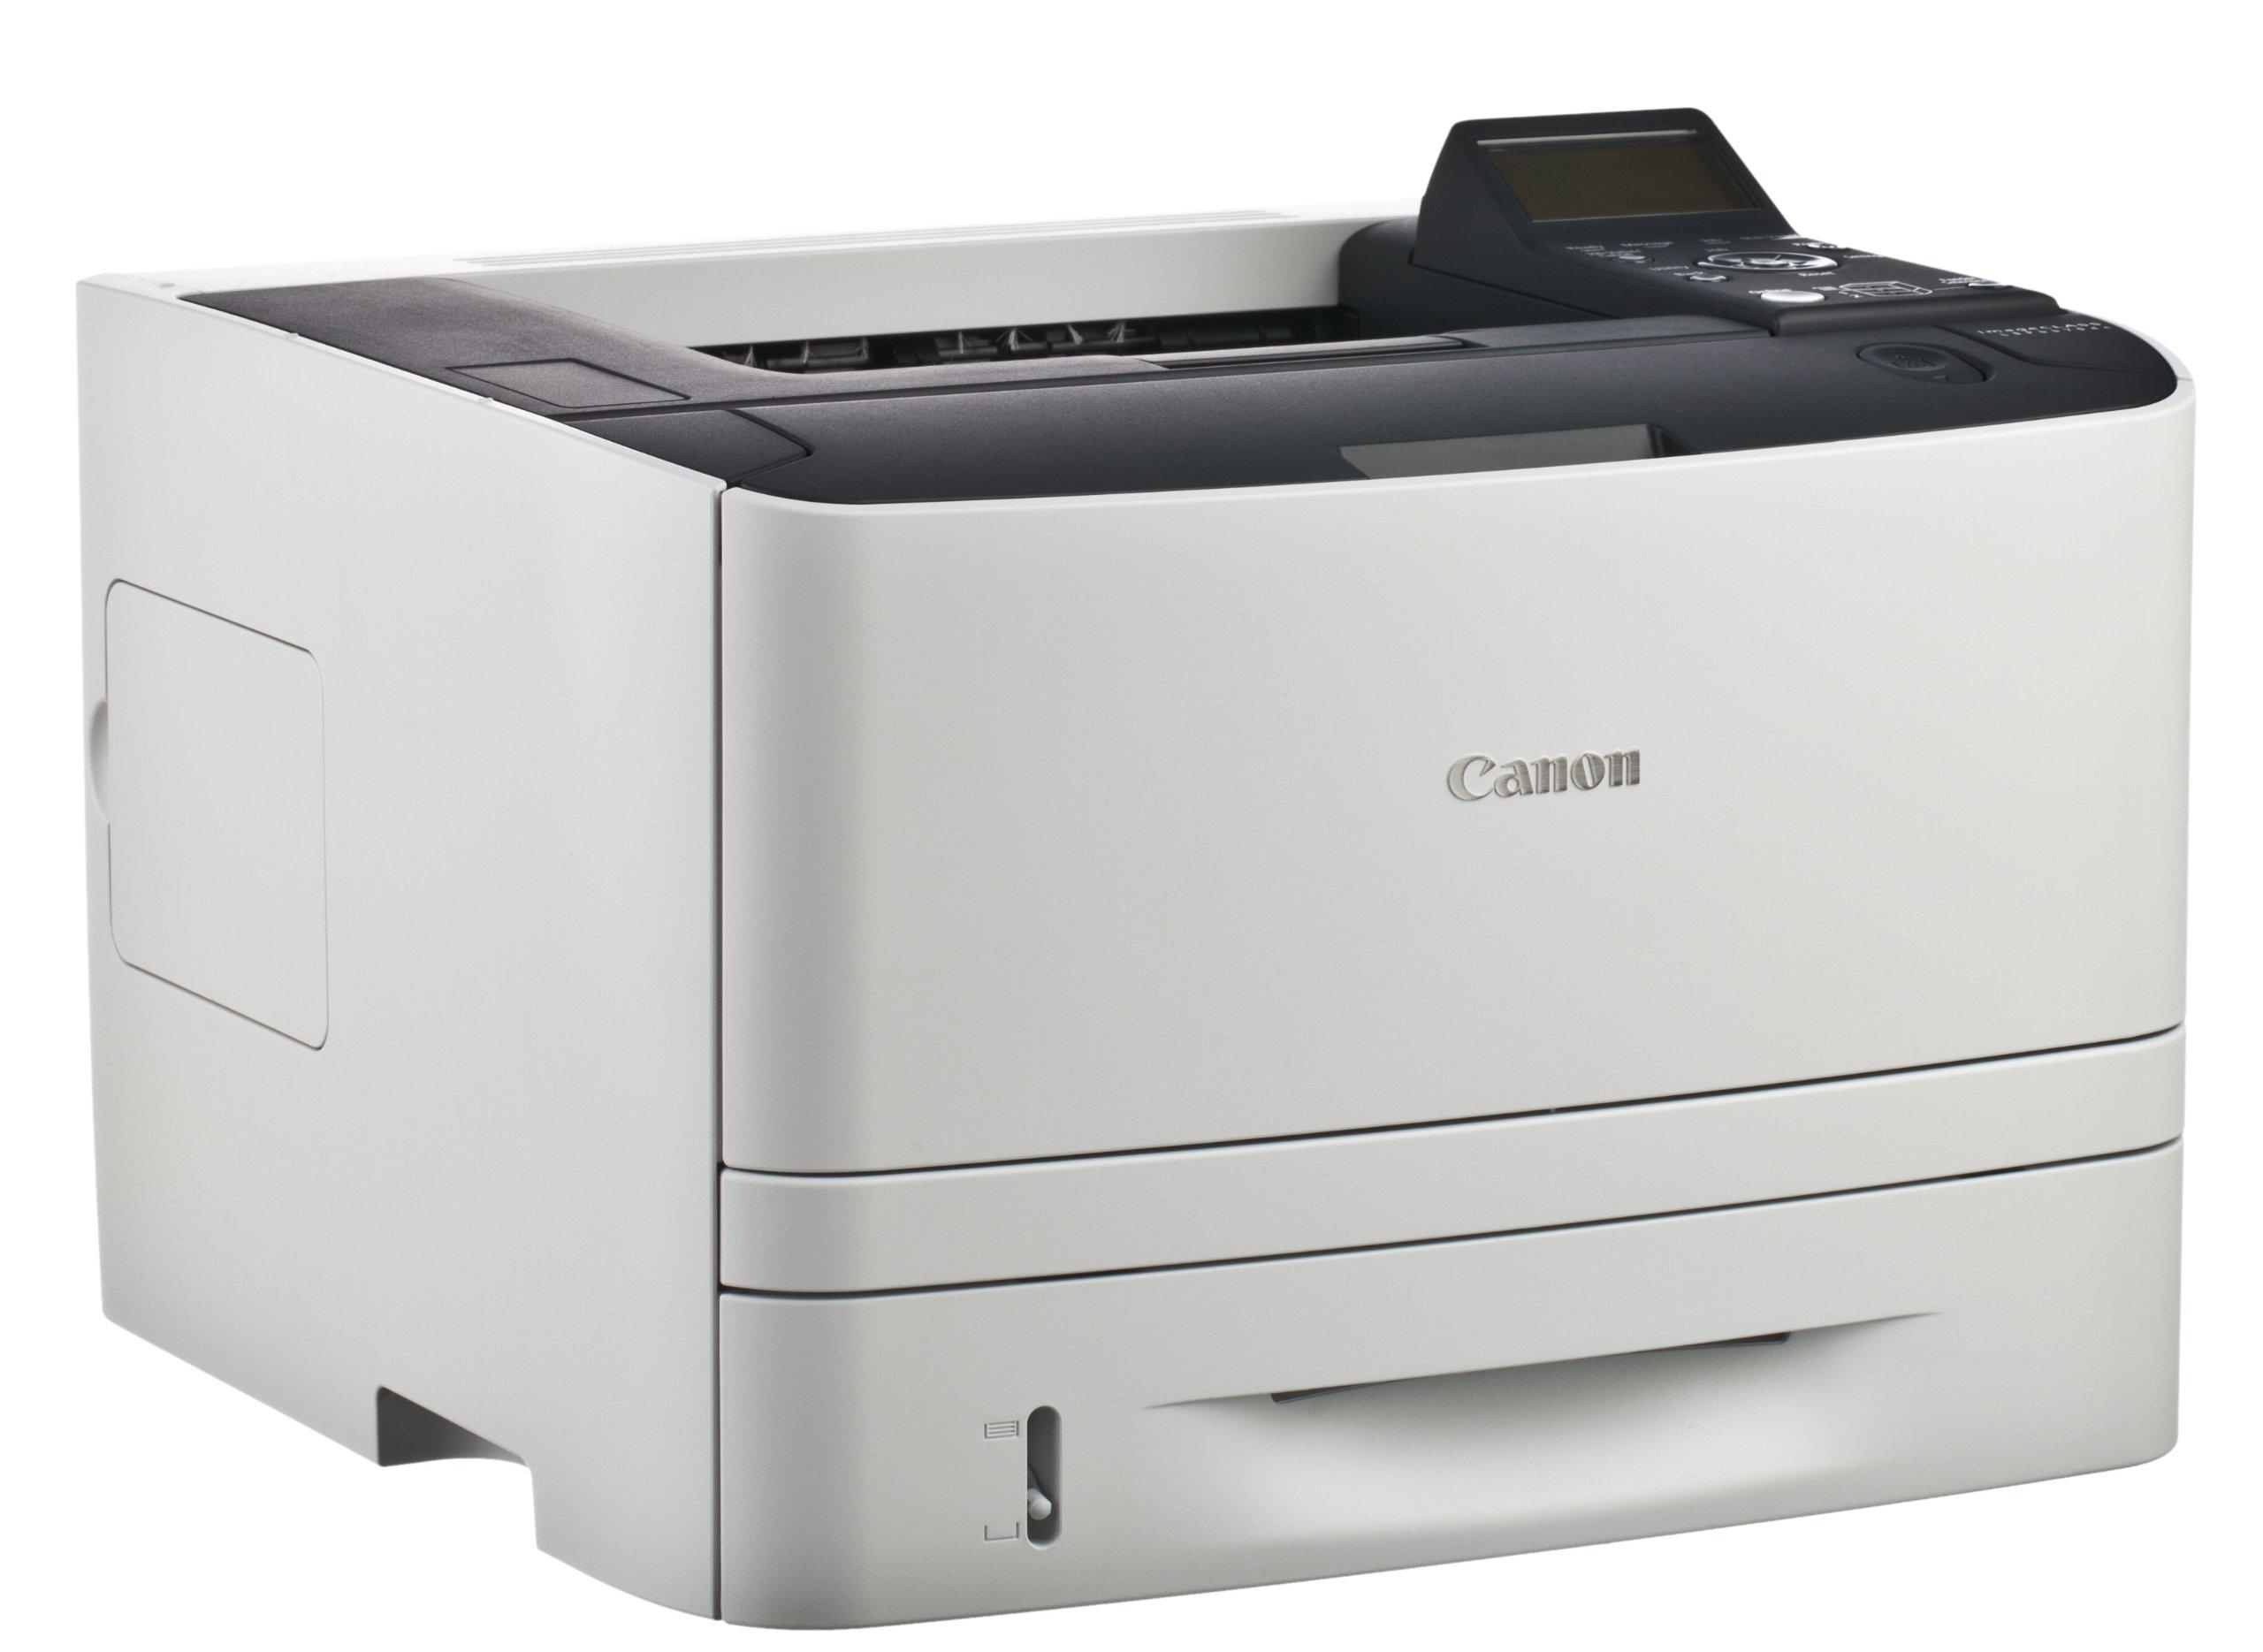 Descarga de controlador de impresora Canon imageCLASS LBP6670dn